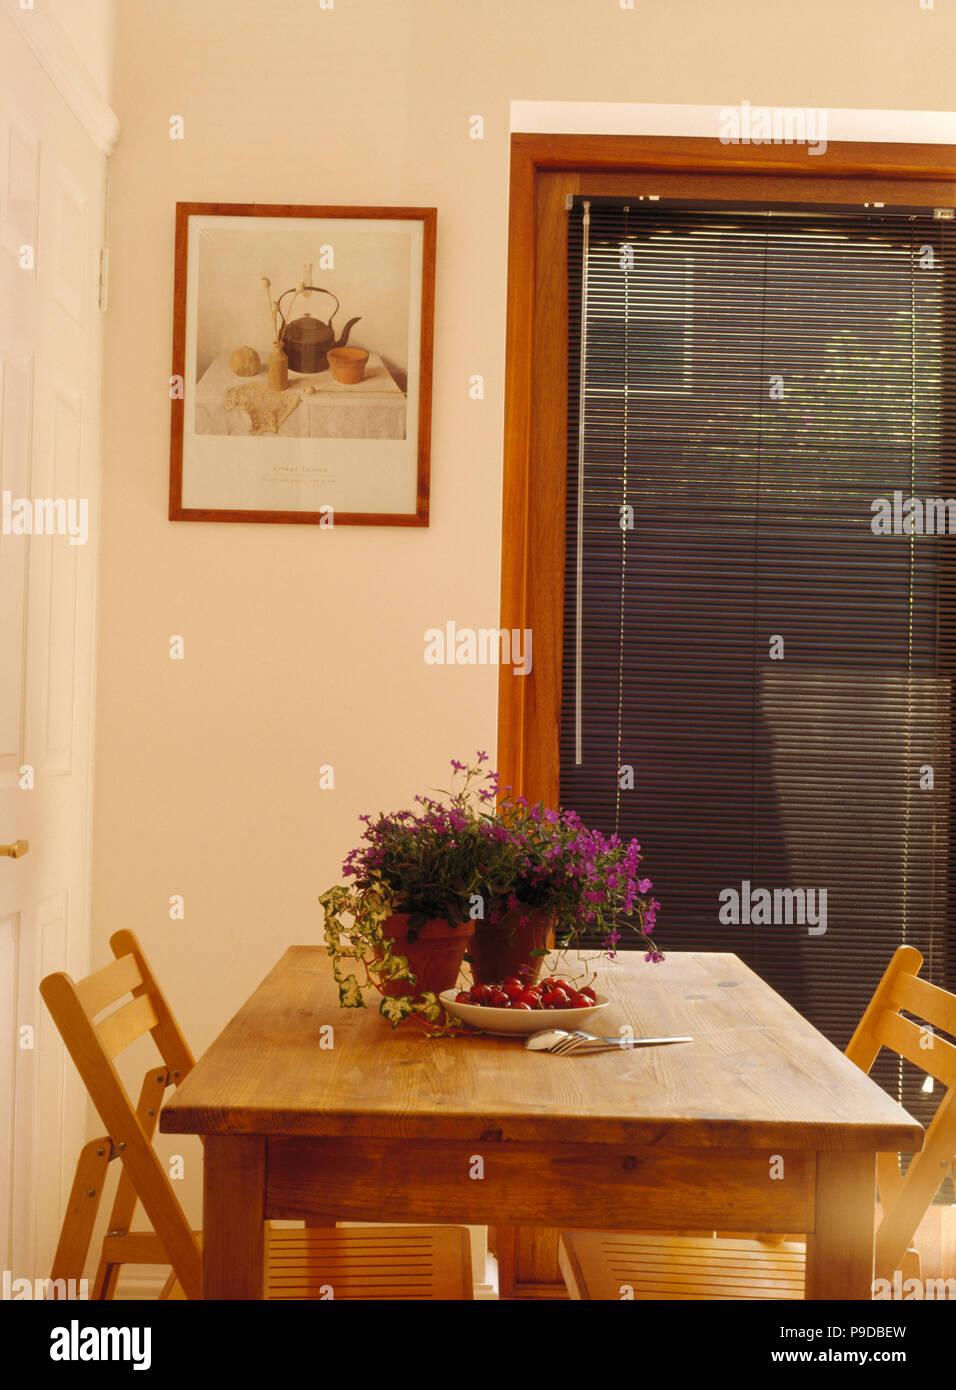 Sillas de madera plegables en pine mesa de comedor de estilo ...